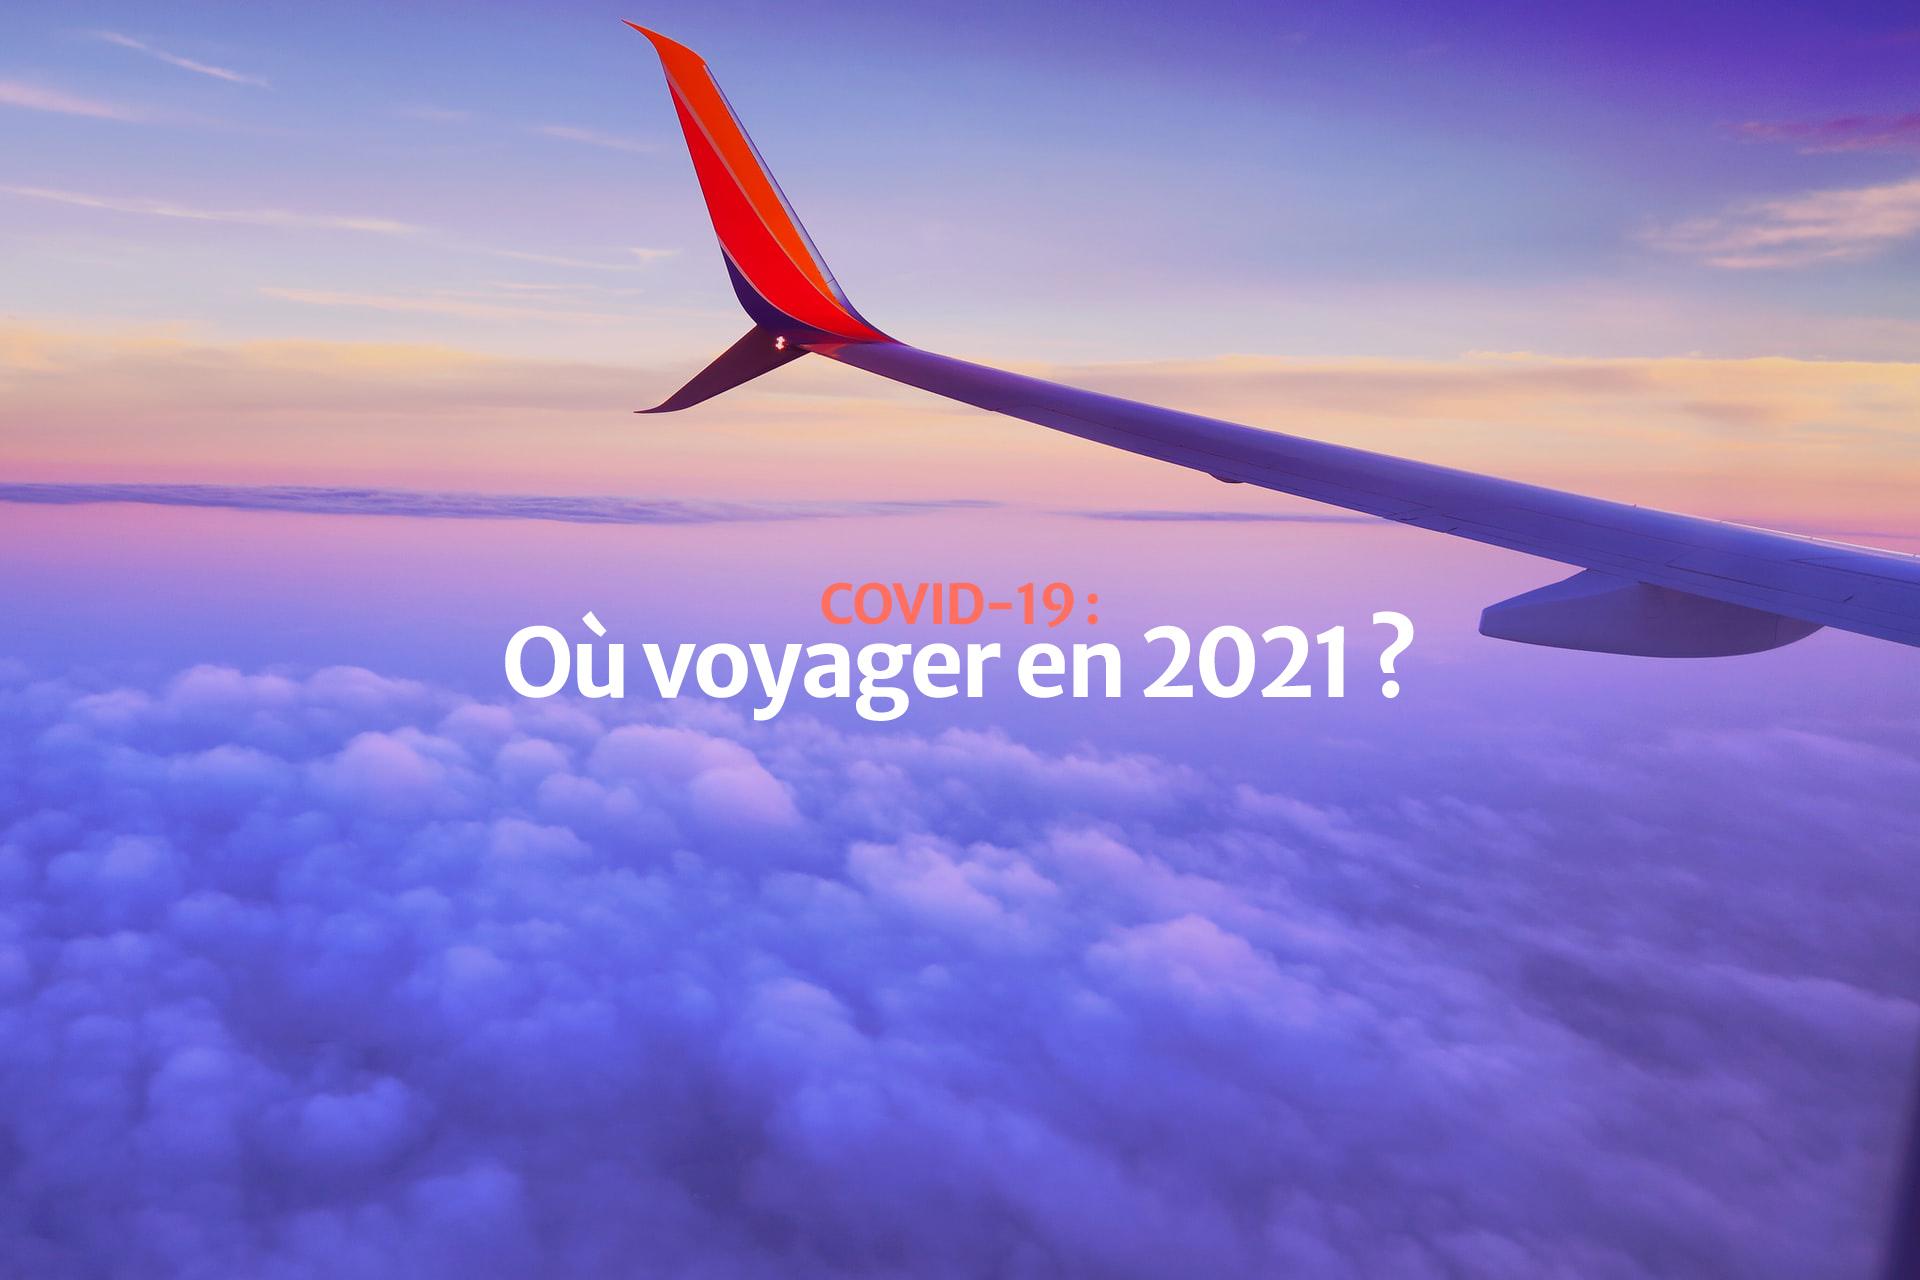 ou-voyager-en-2021-avec-le-covid